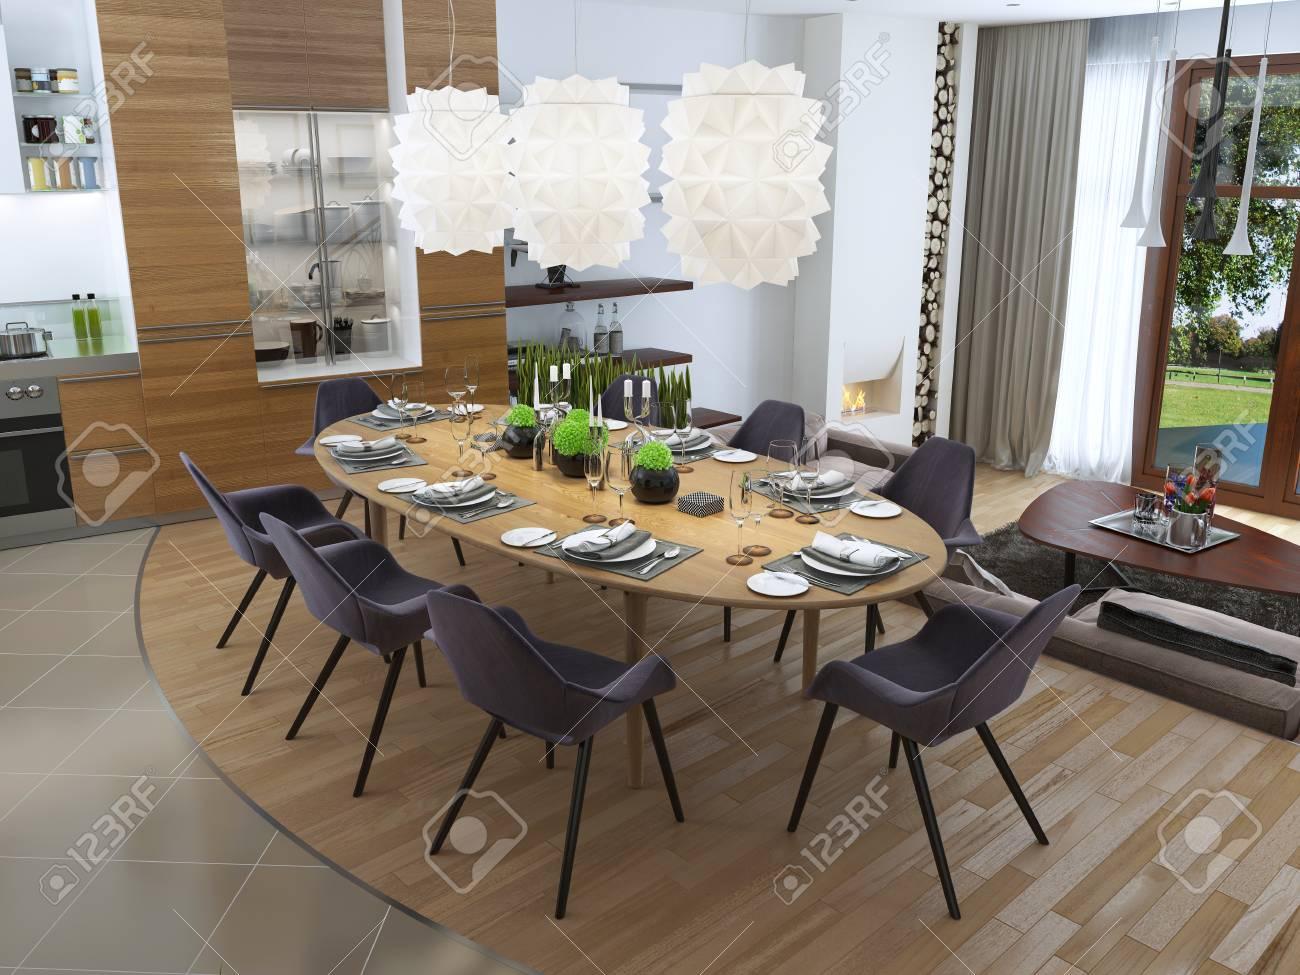 luxe salle a manger dans un style contemporain avec une grande table a manger pour huit personnes luxe blanc lustre suspendu au dessus de la table de